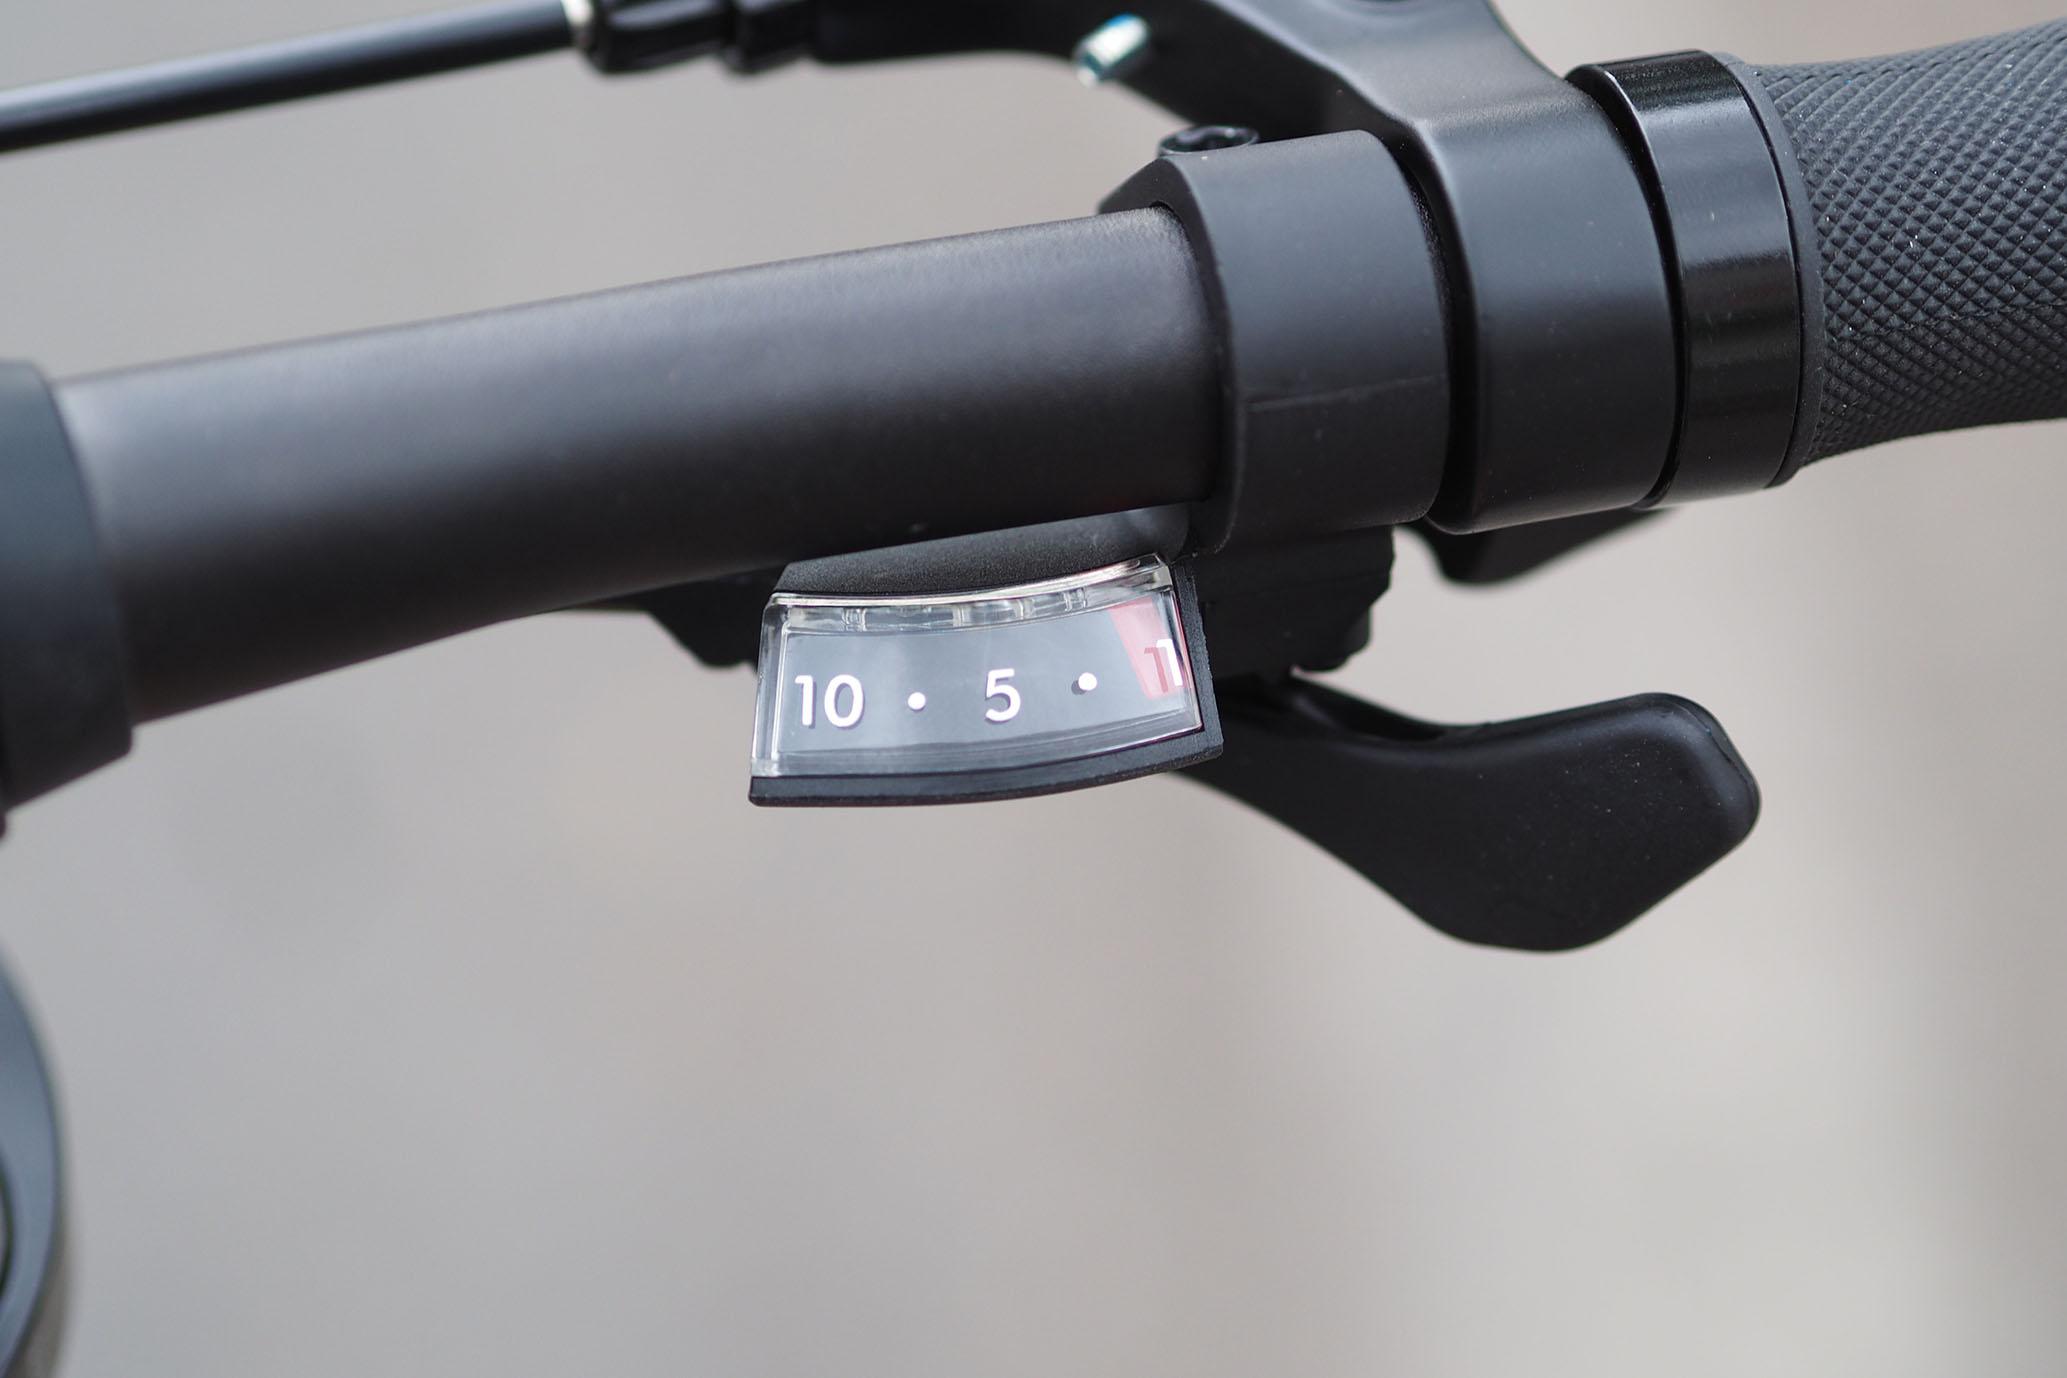 Xe đạp gấp Banian D10 có trang bị hệ thống 10 cấp số, trên tay lái có Đồng hồ báo số đơn giản dễ nhìn và nhỏ nhẹ